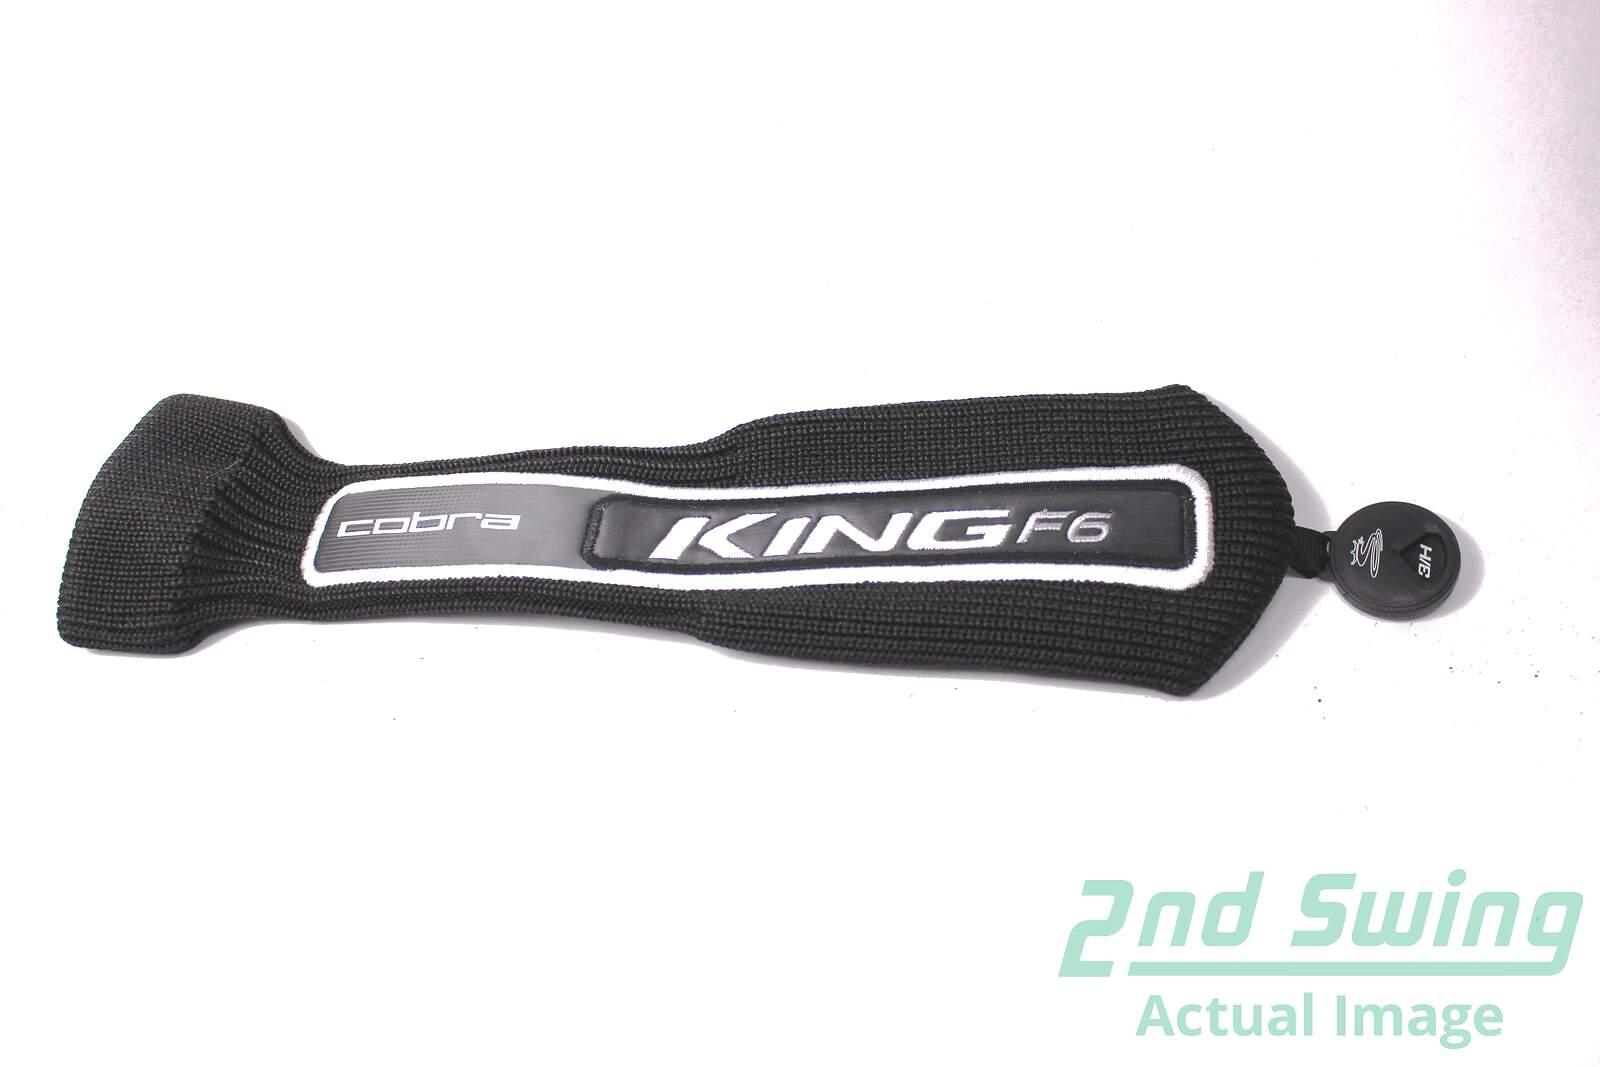 Used Cobra King 2016 F6 Hybrid Headcover W Adjustable Tag